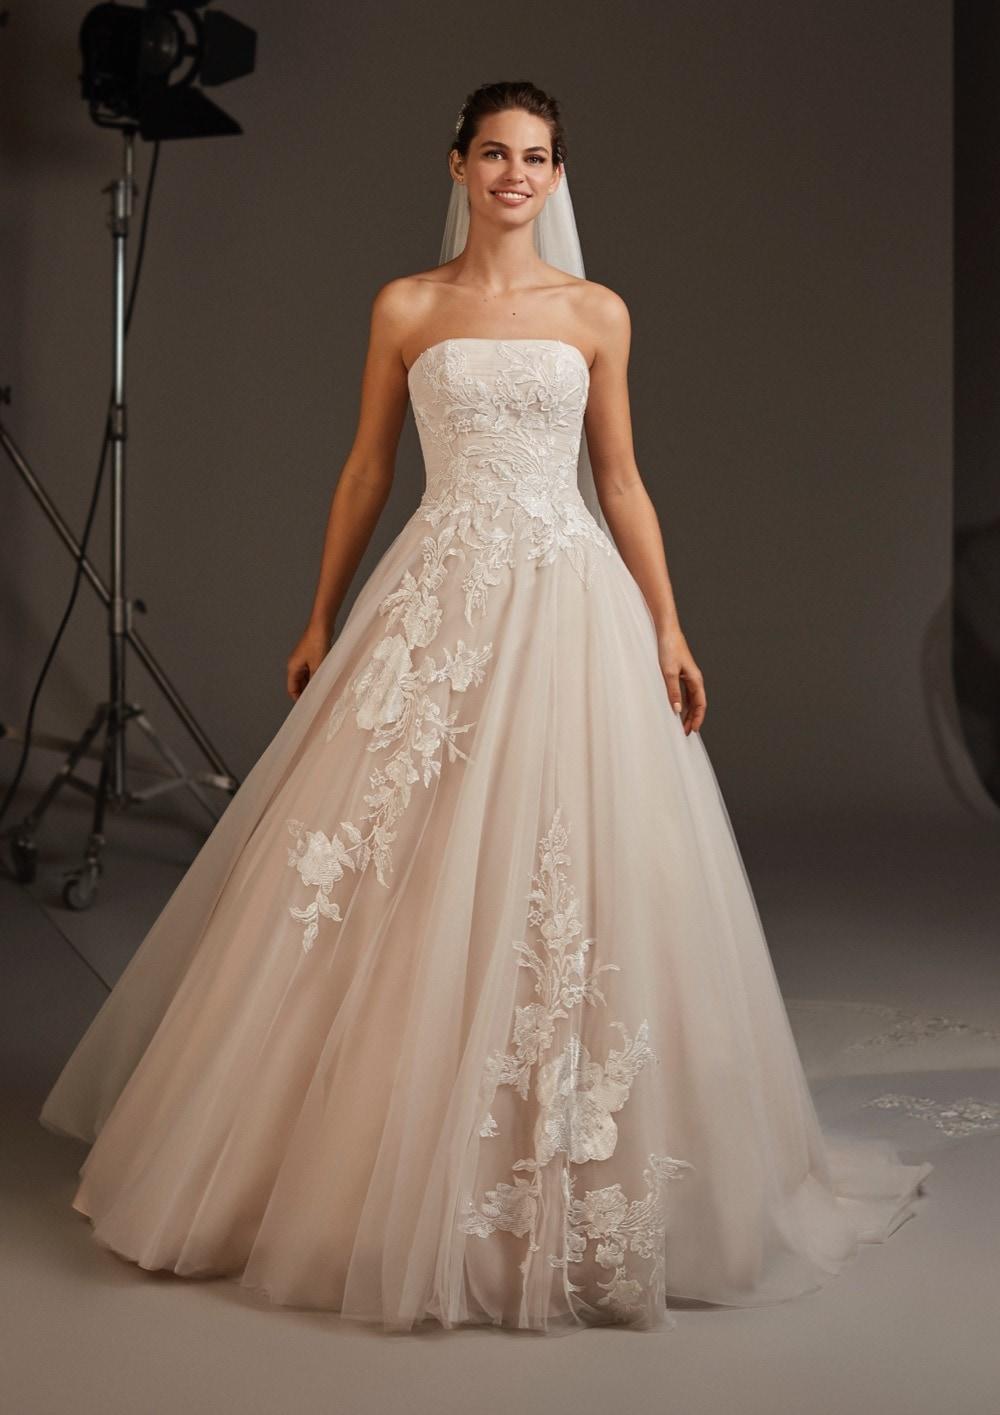 Hochzeitskleid mit Bandeau-Ausschnitt von Pronovias